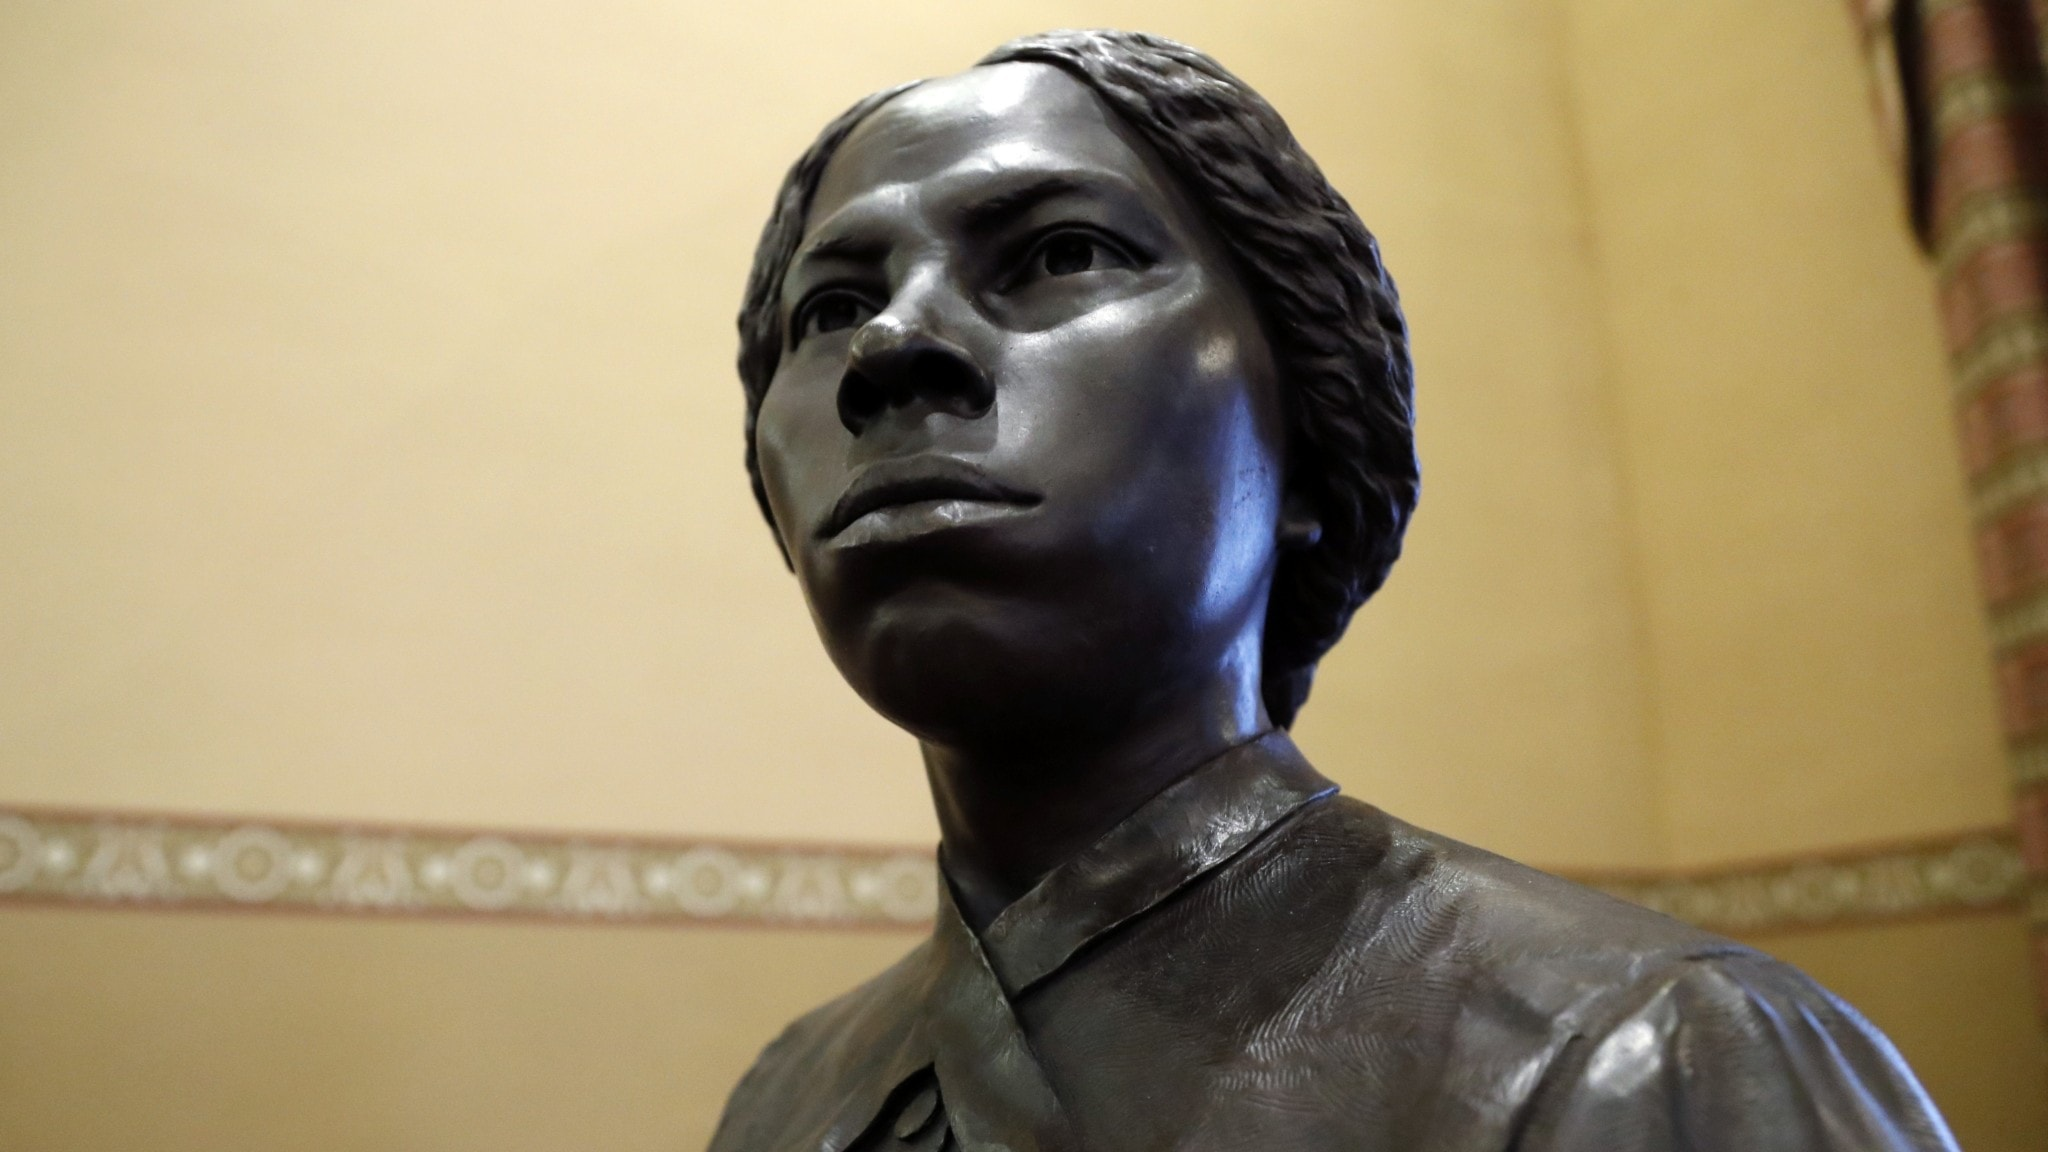 En staty av abolitionisten Harriet Tubman, som hjälpte många slavar att fly. Statyn restes 2020 i delstaten Marylands stadshus, USA.